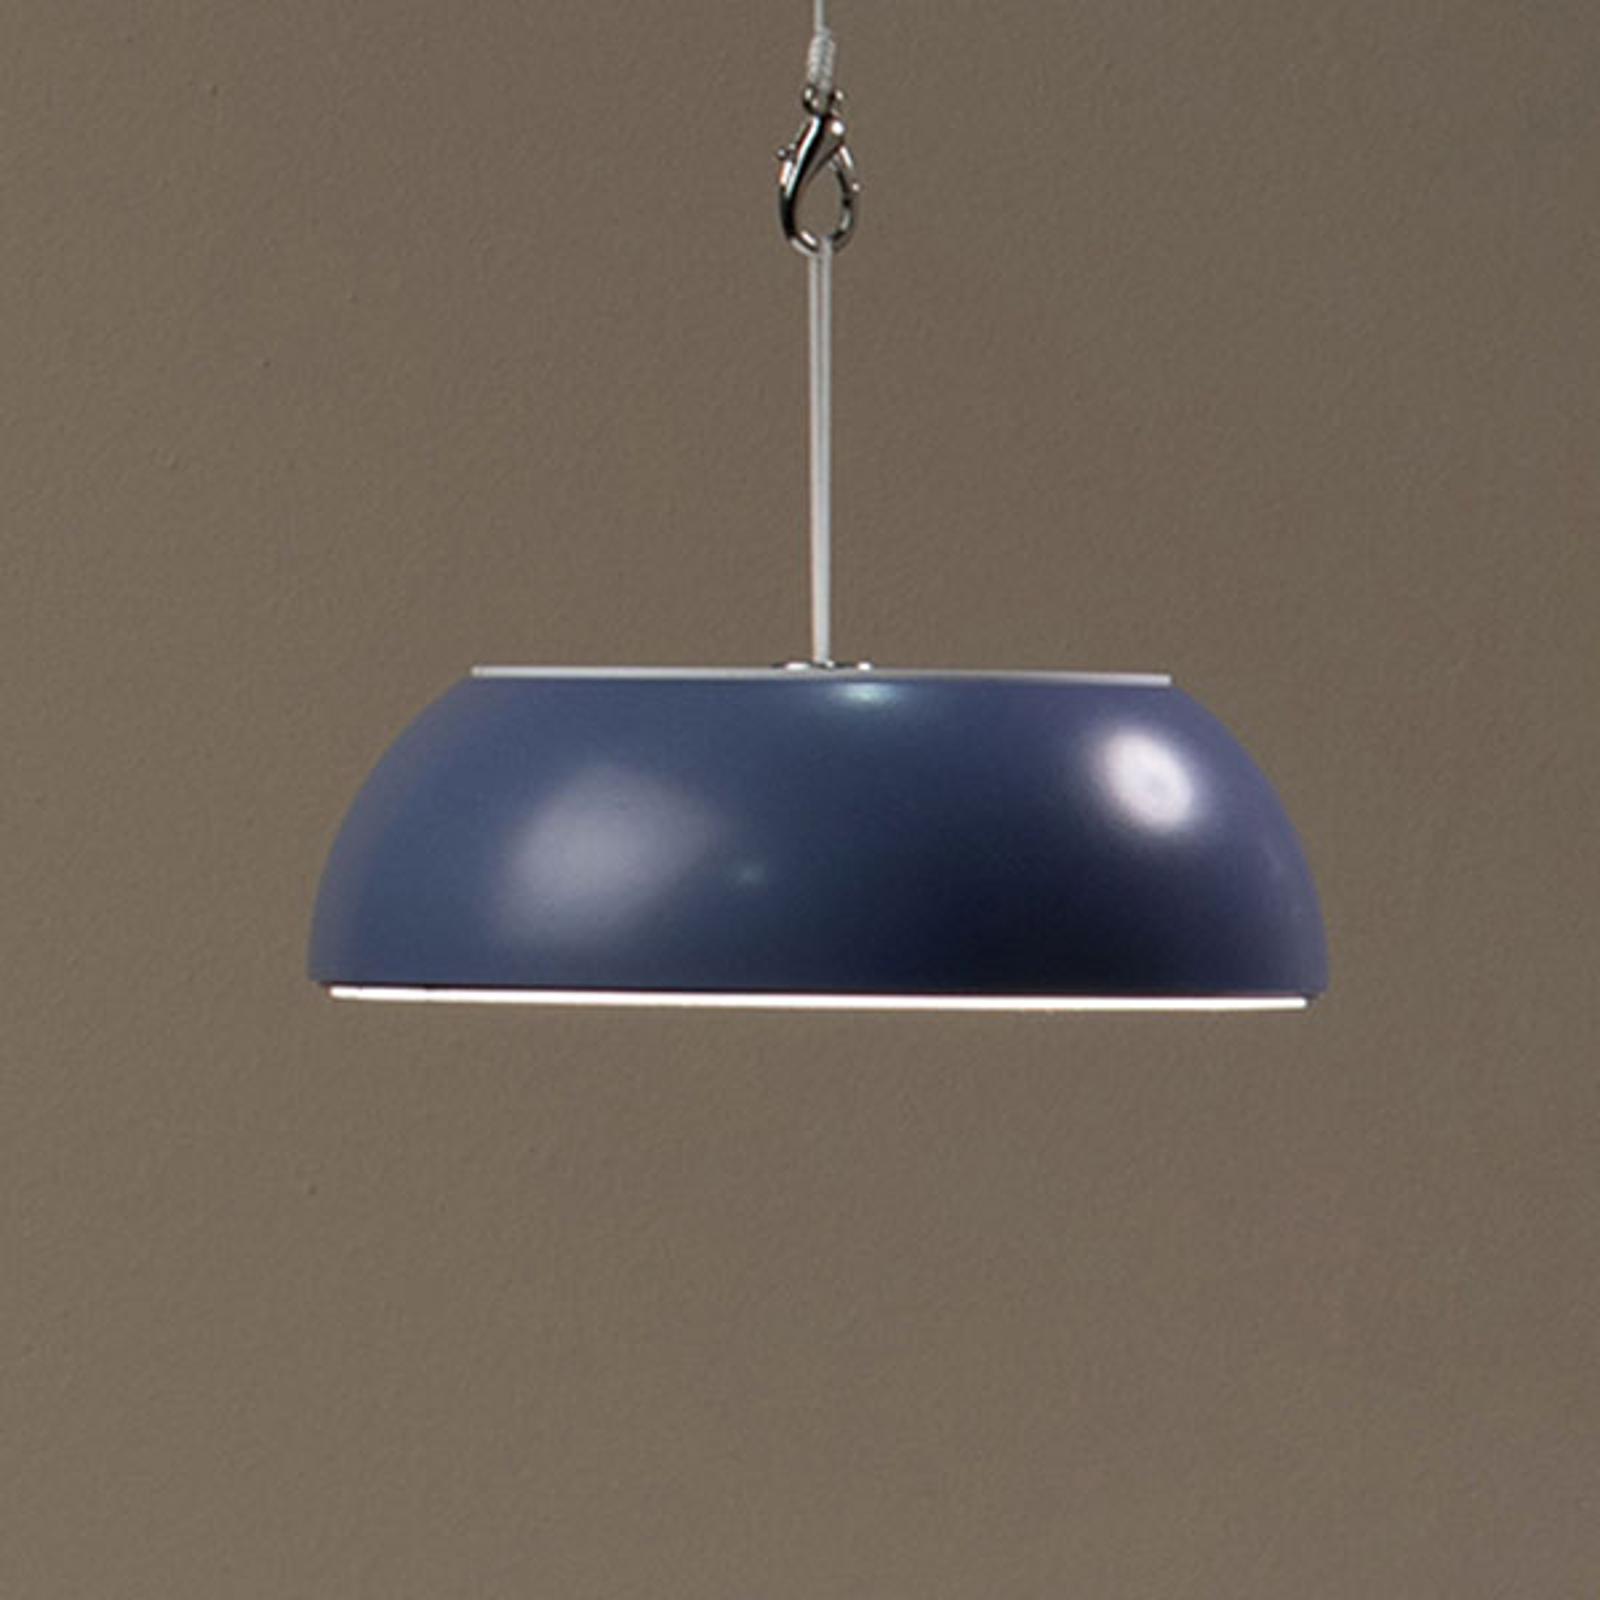 Axolight Float LED-riippuvalaisin, malva